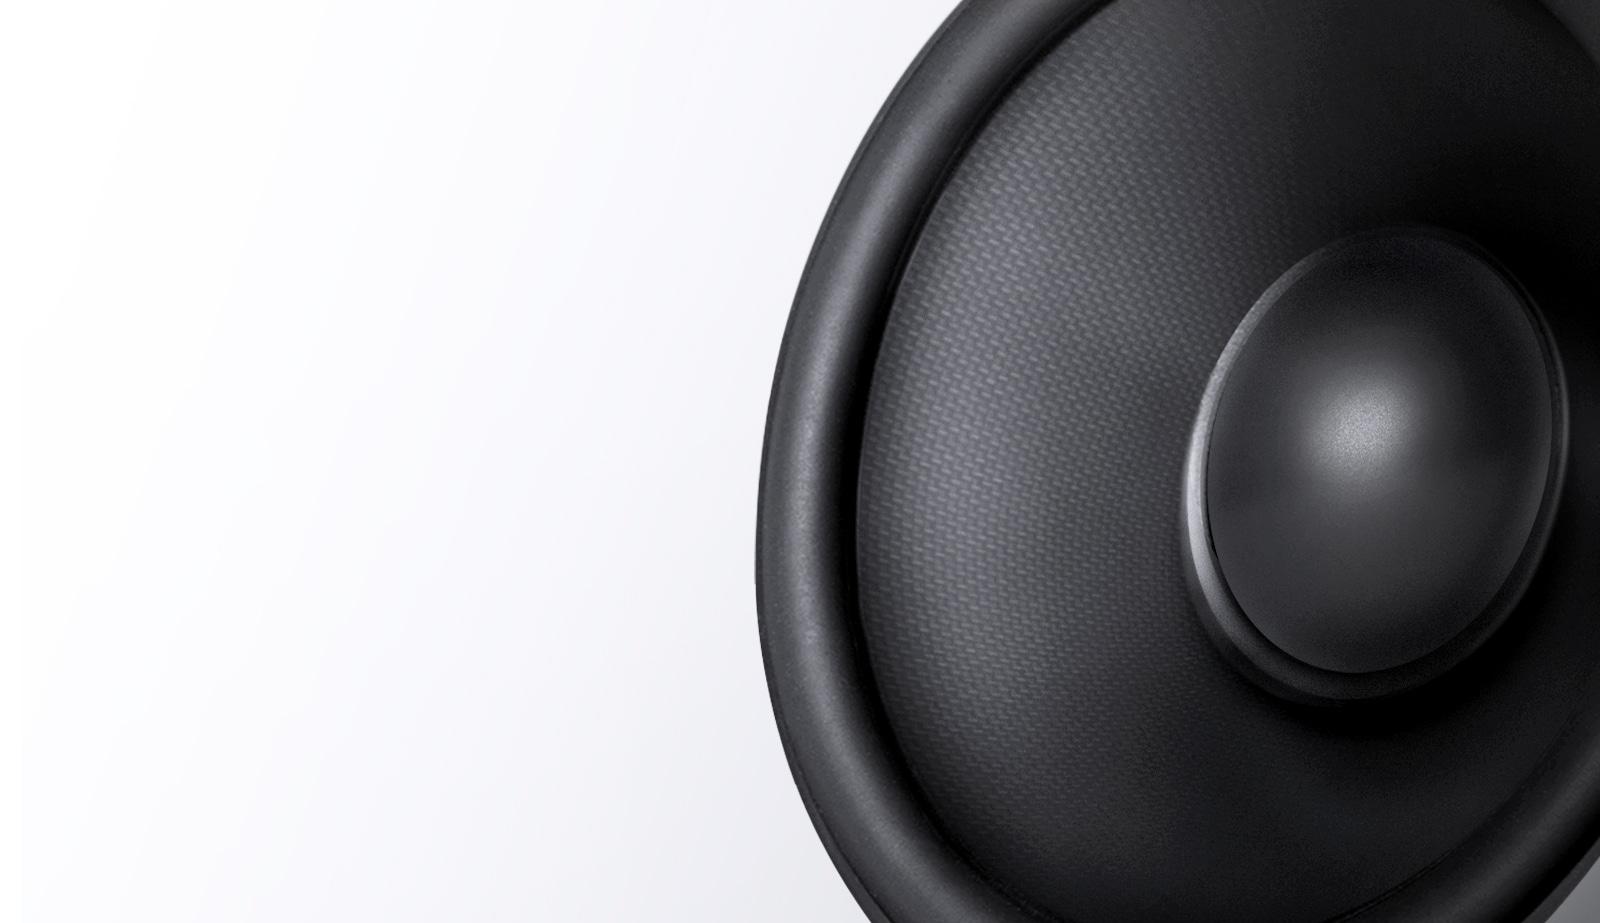 LG Sound Bar SN4 Carbon Woofer